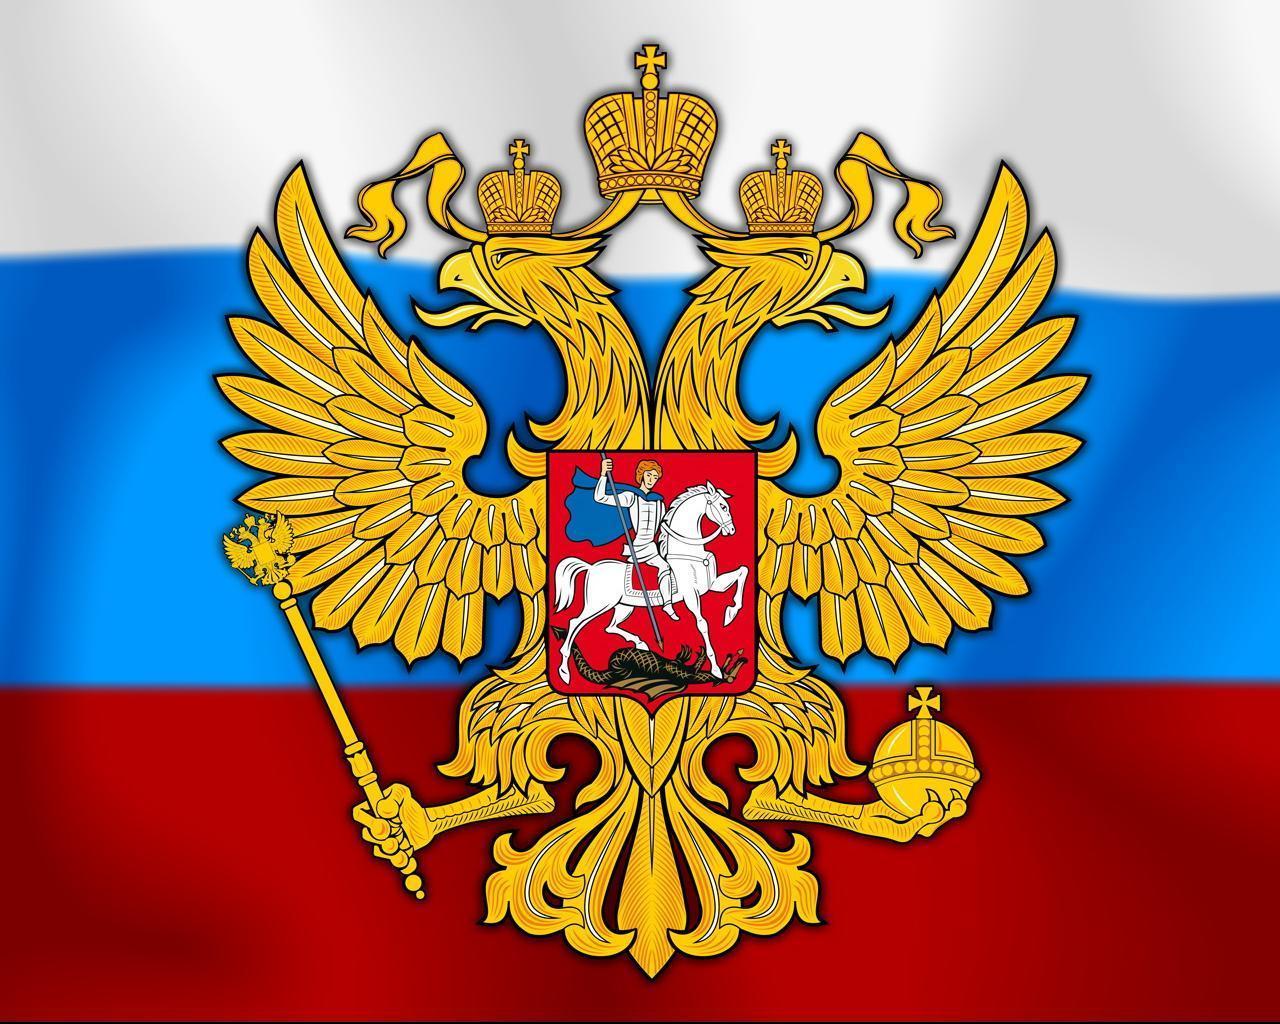 Почему как Россию ни ругают, а симпатий в мире к ней всё больше?